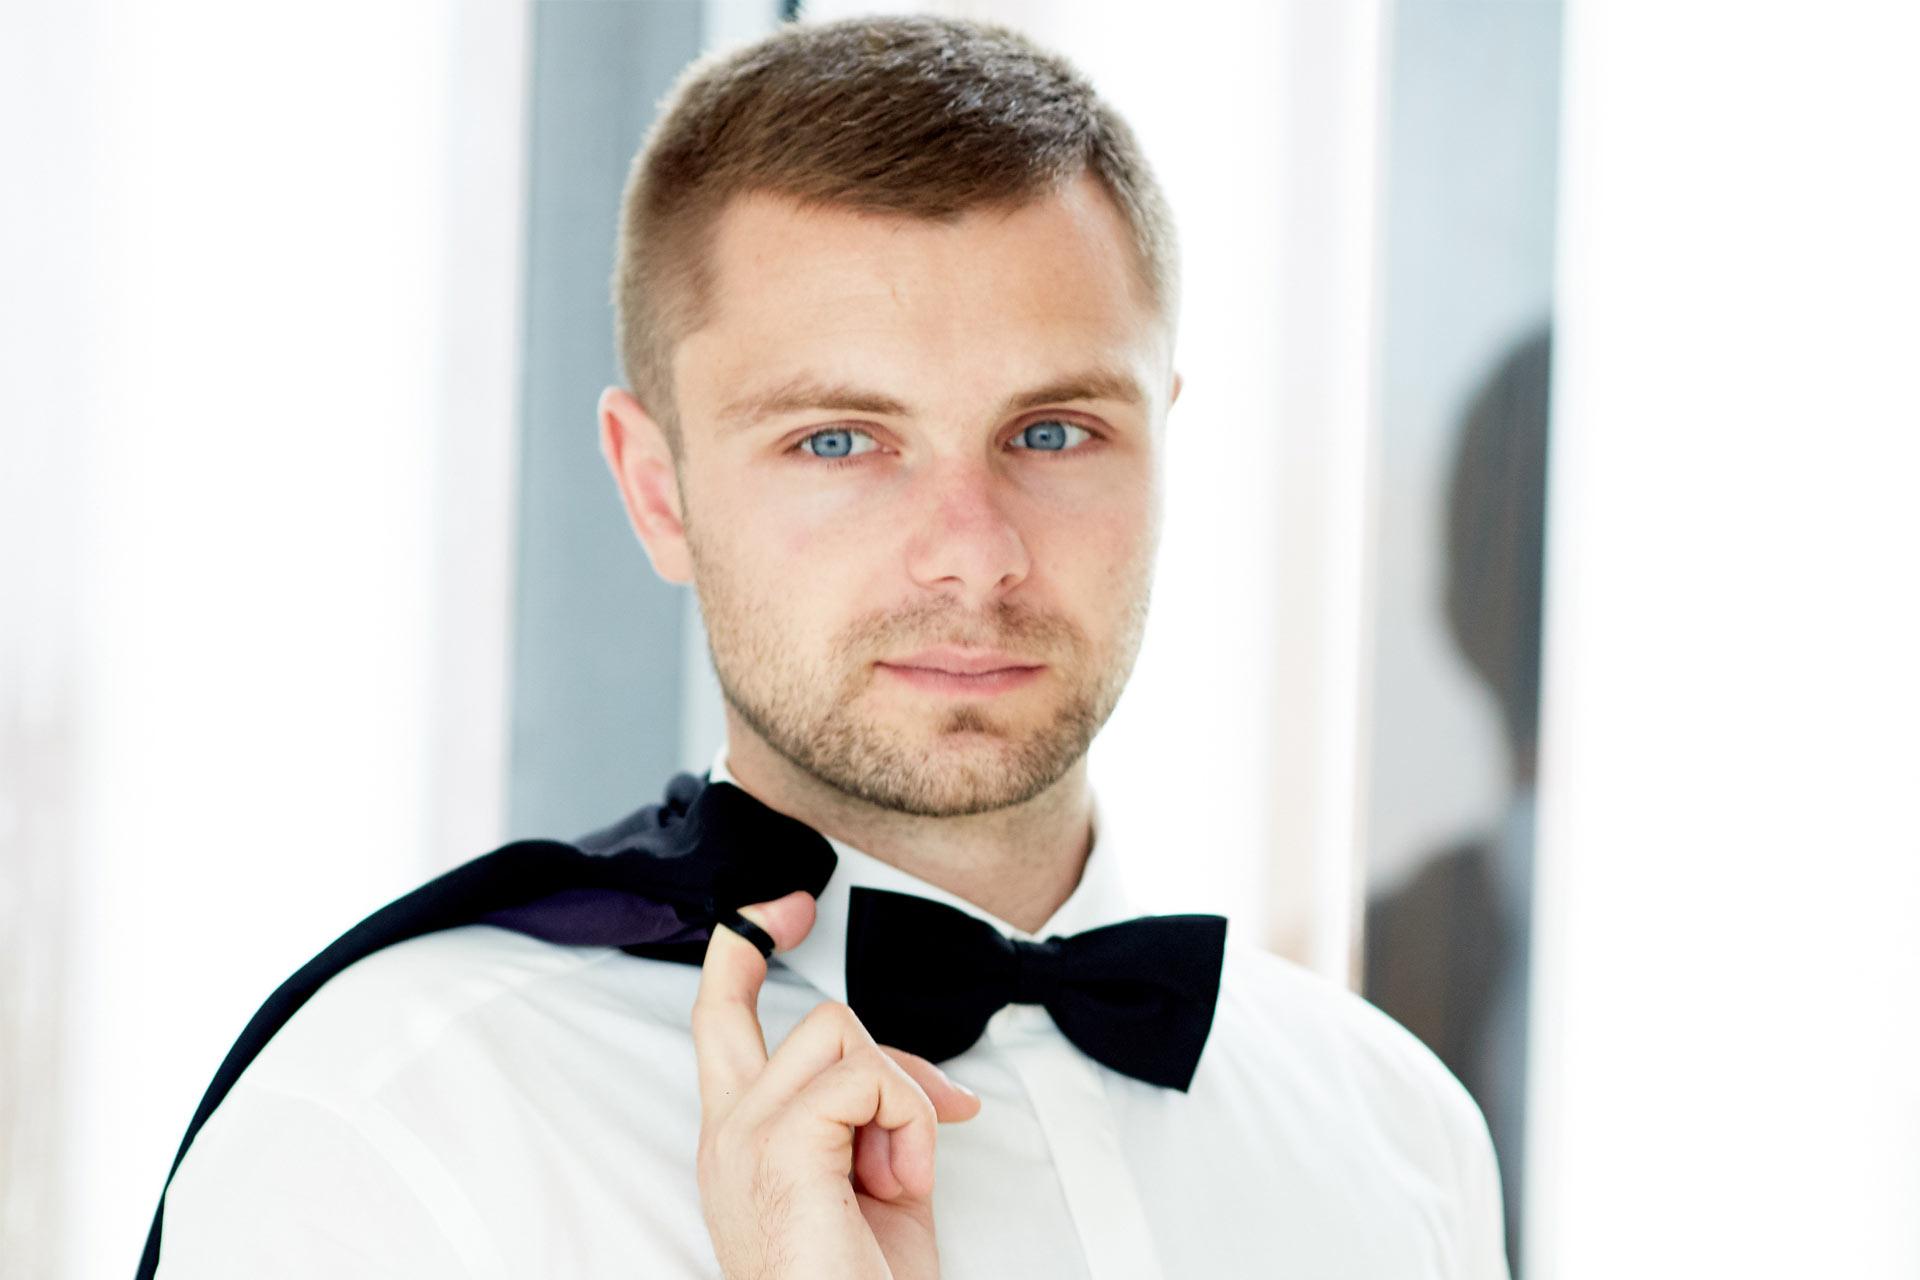 История успеха: Нор Дмитрий, генеральный директор компании SkySoft